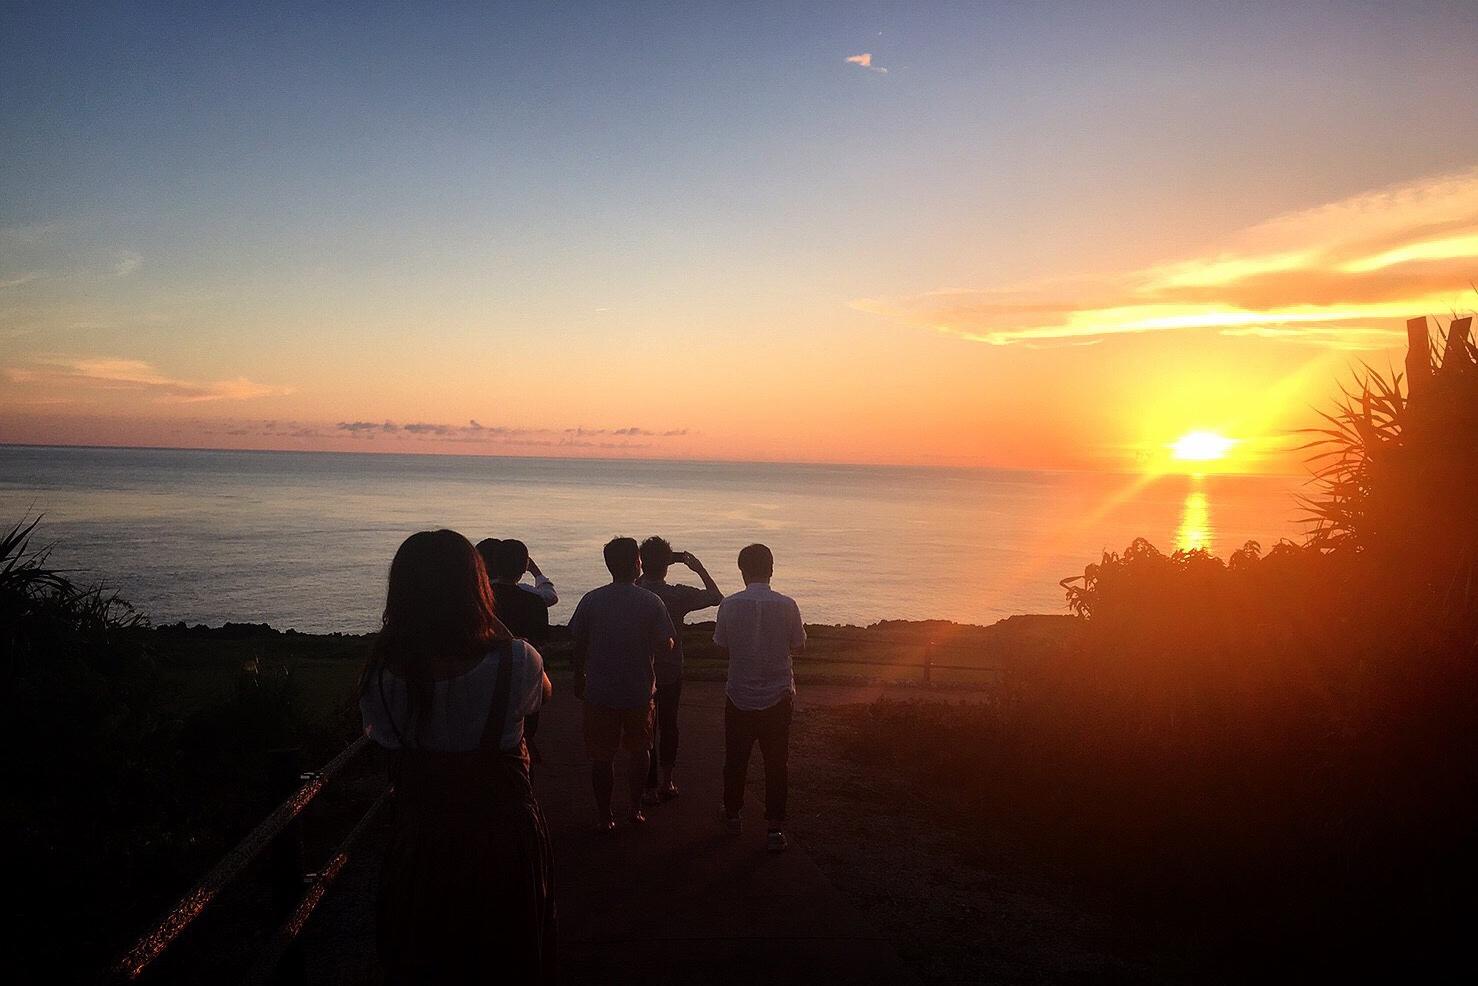 フォトジェニックな徳之島へ行ってきました